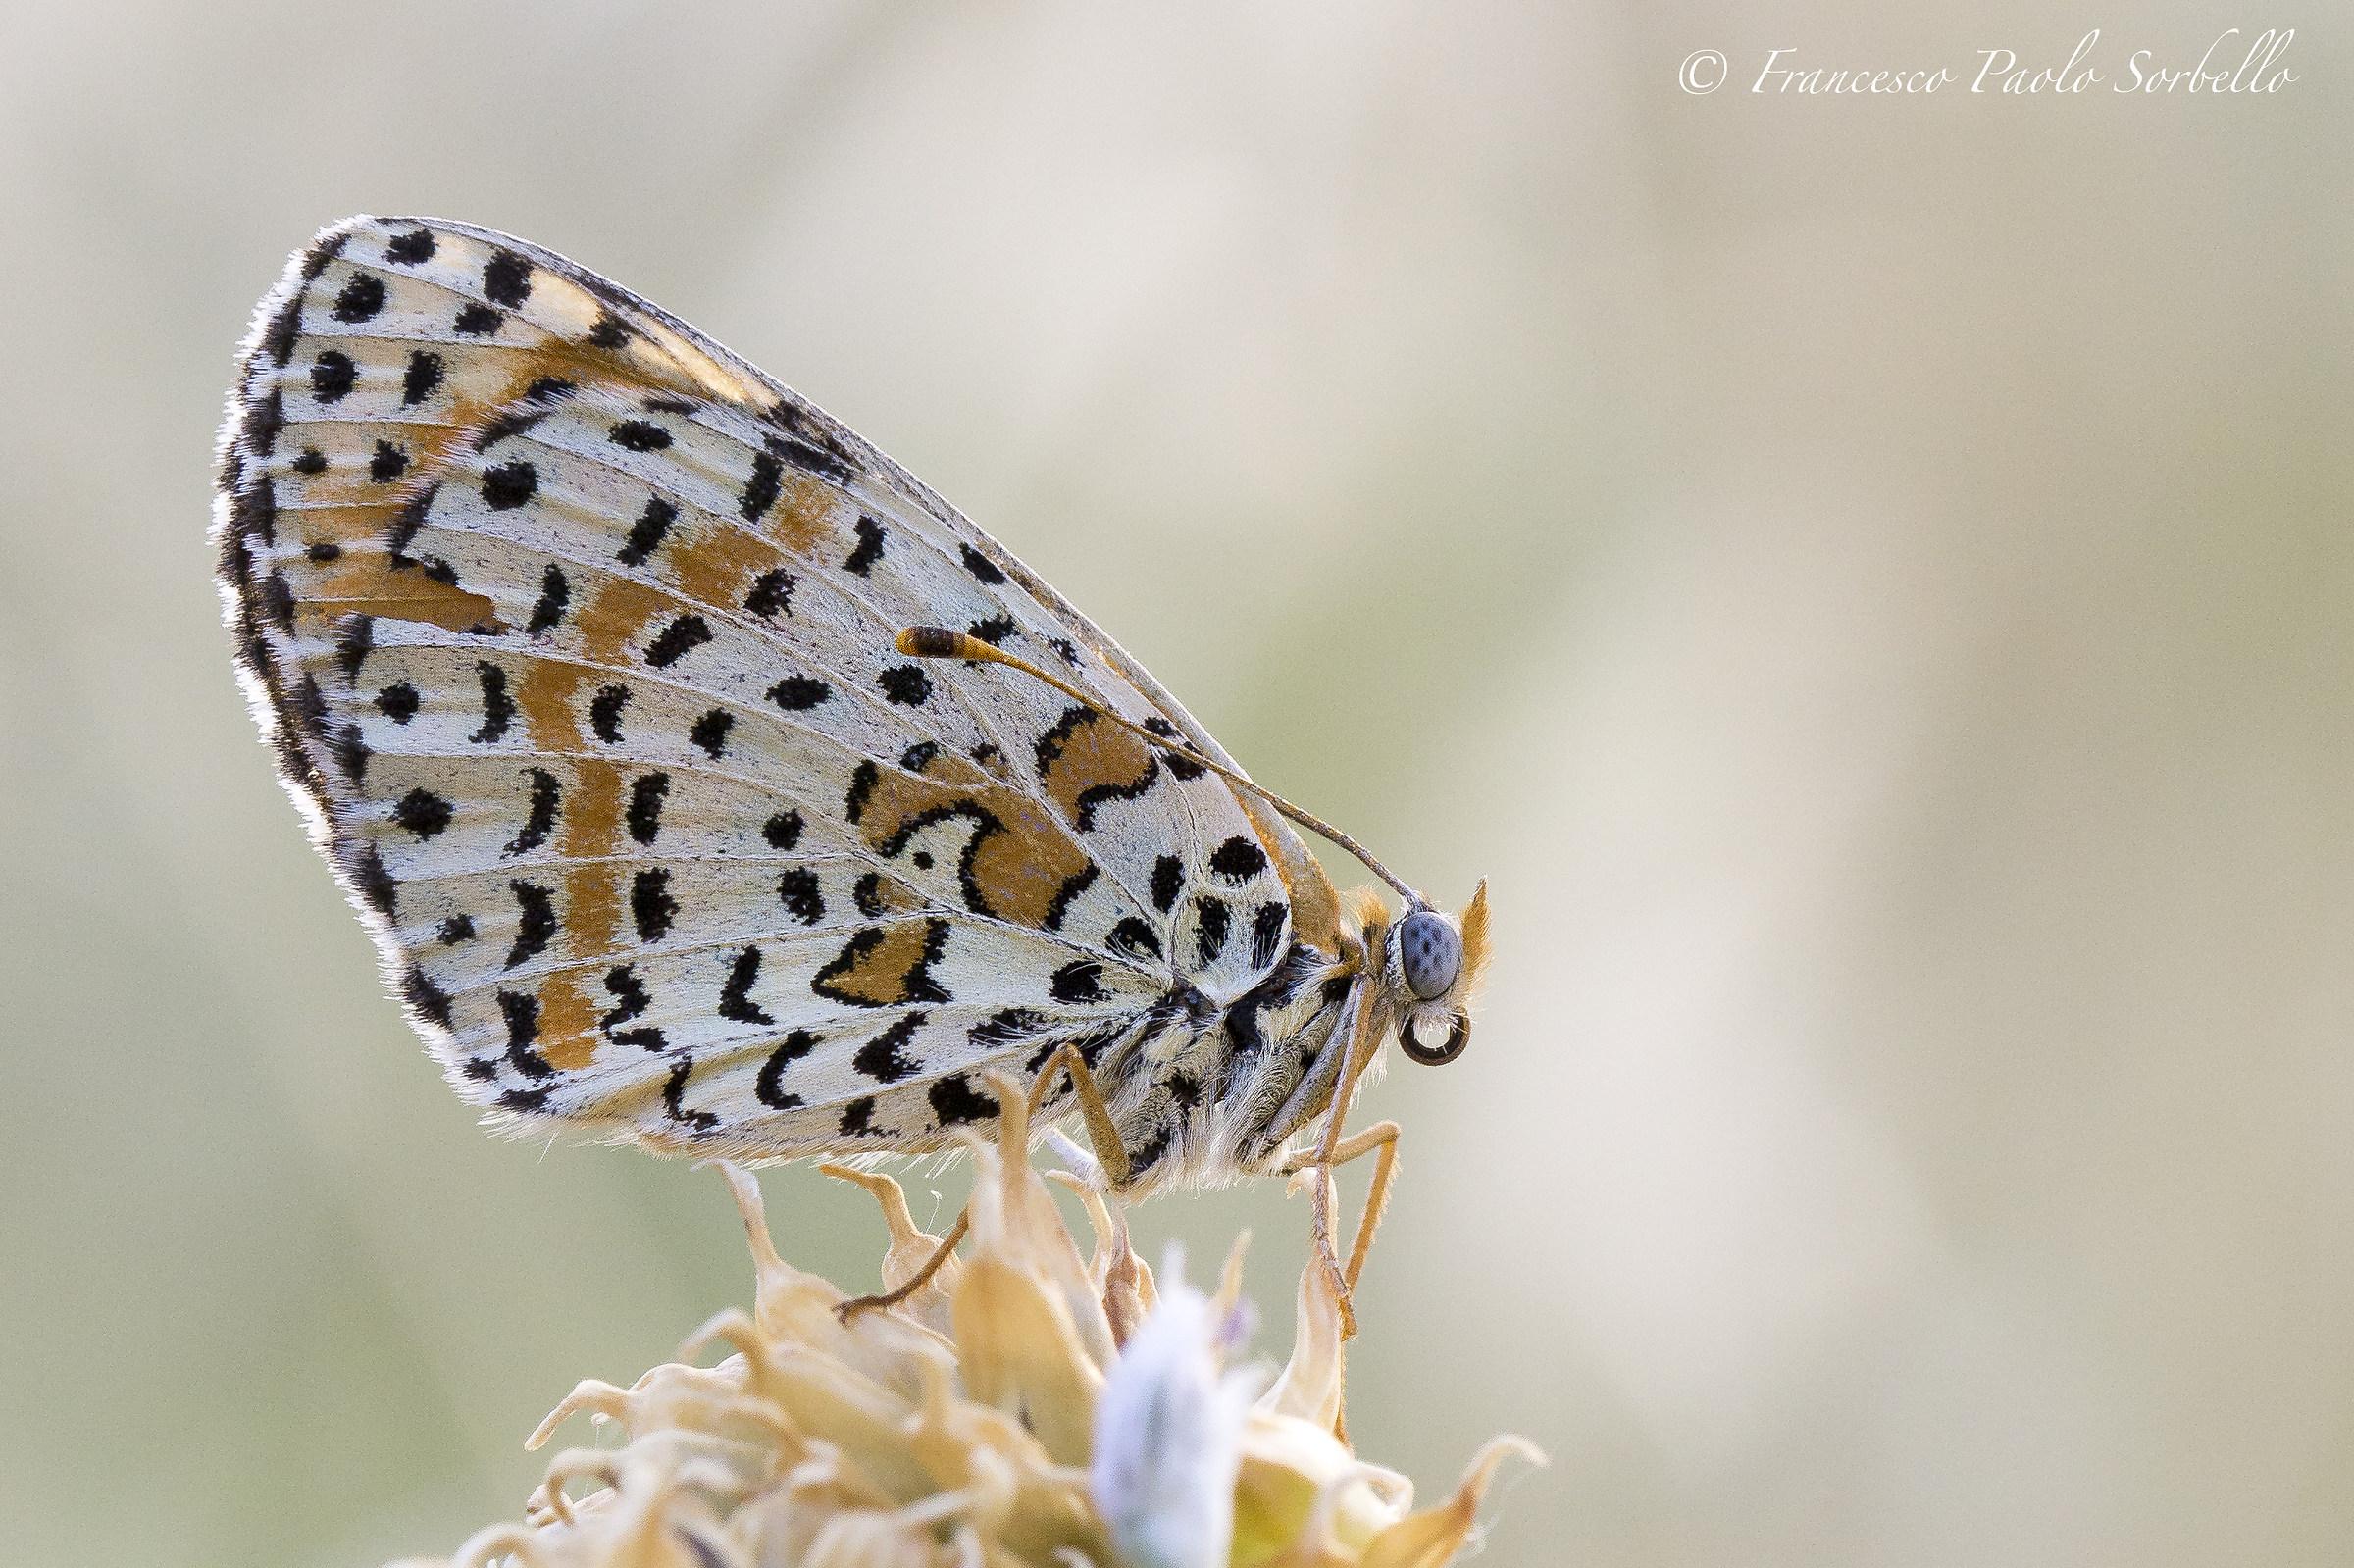 Butterfly blue eyes...